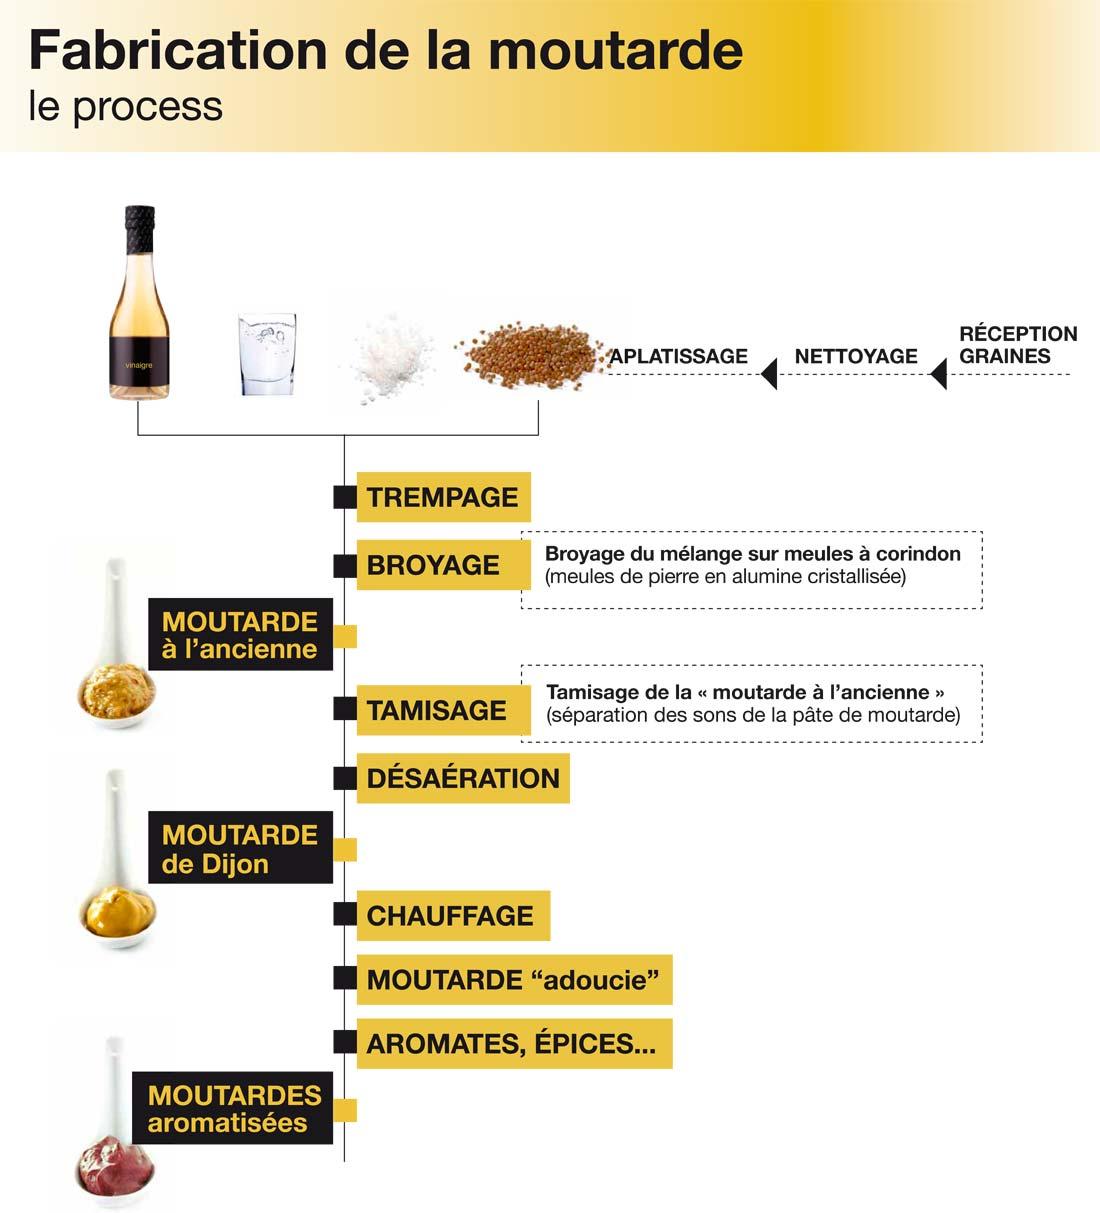 étapes de fabrication de la moutarde